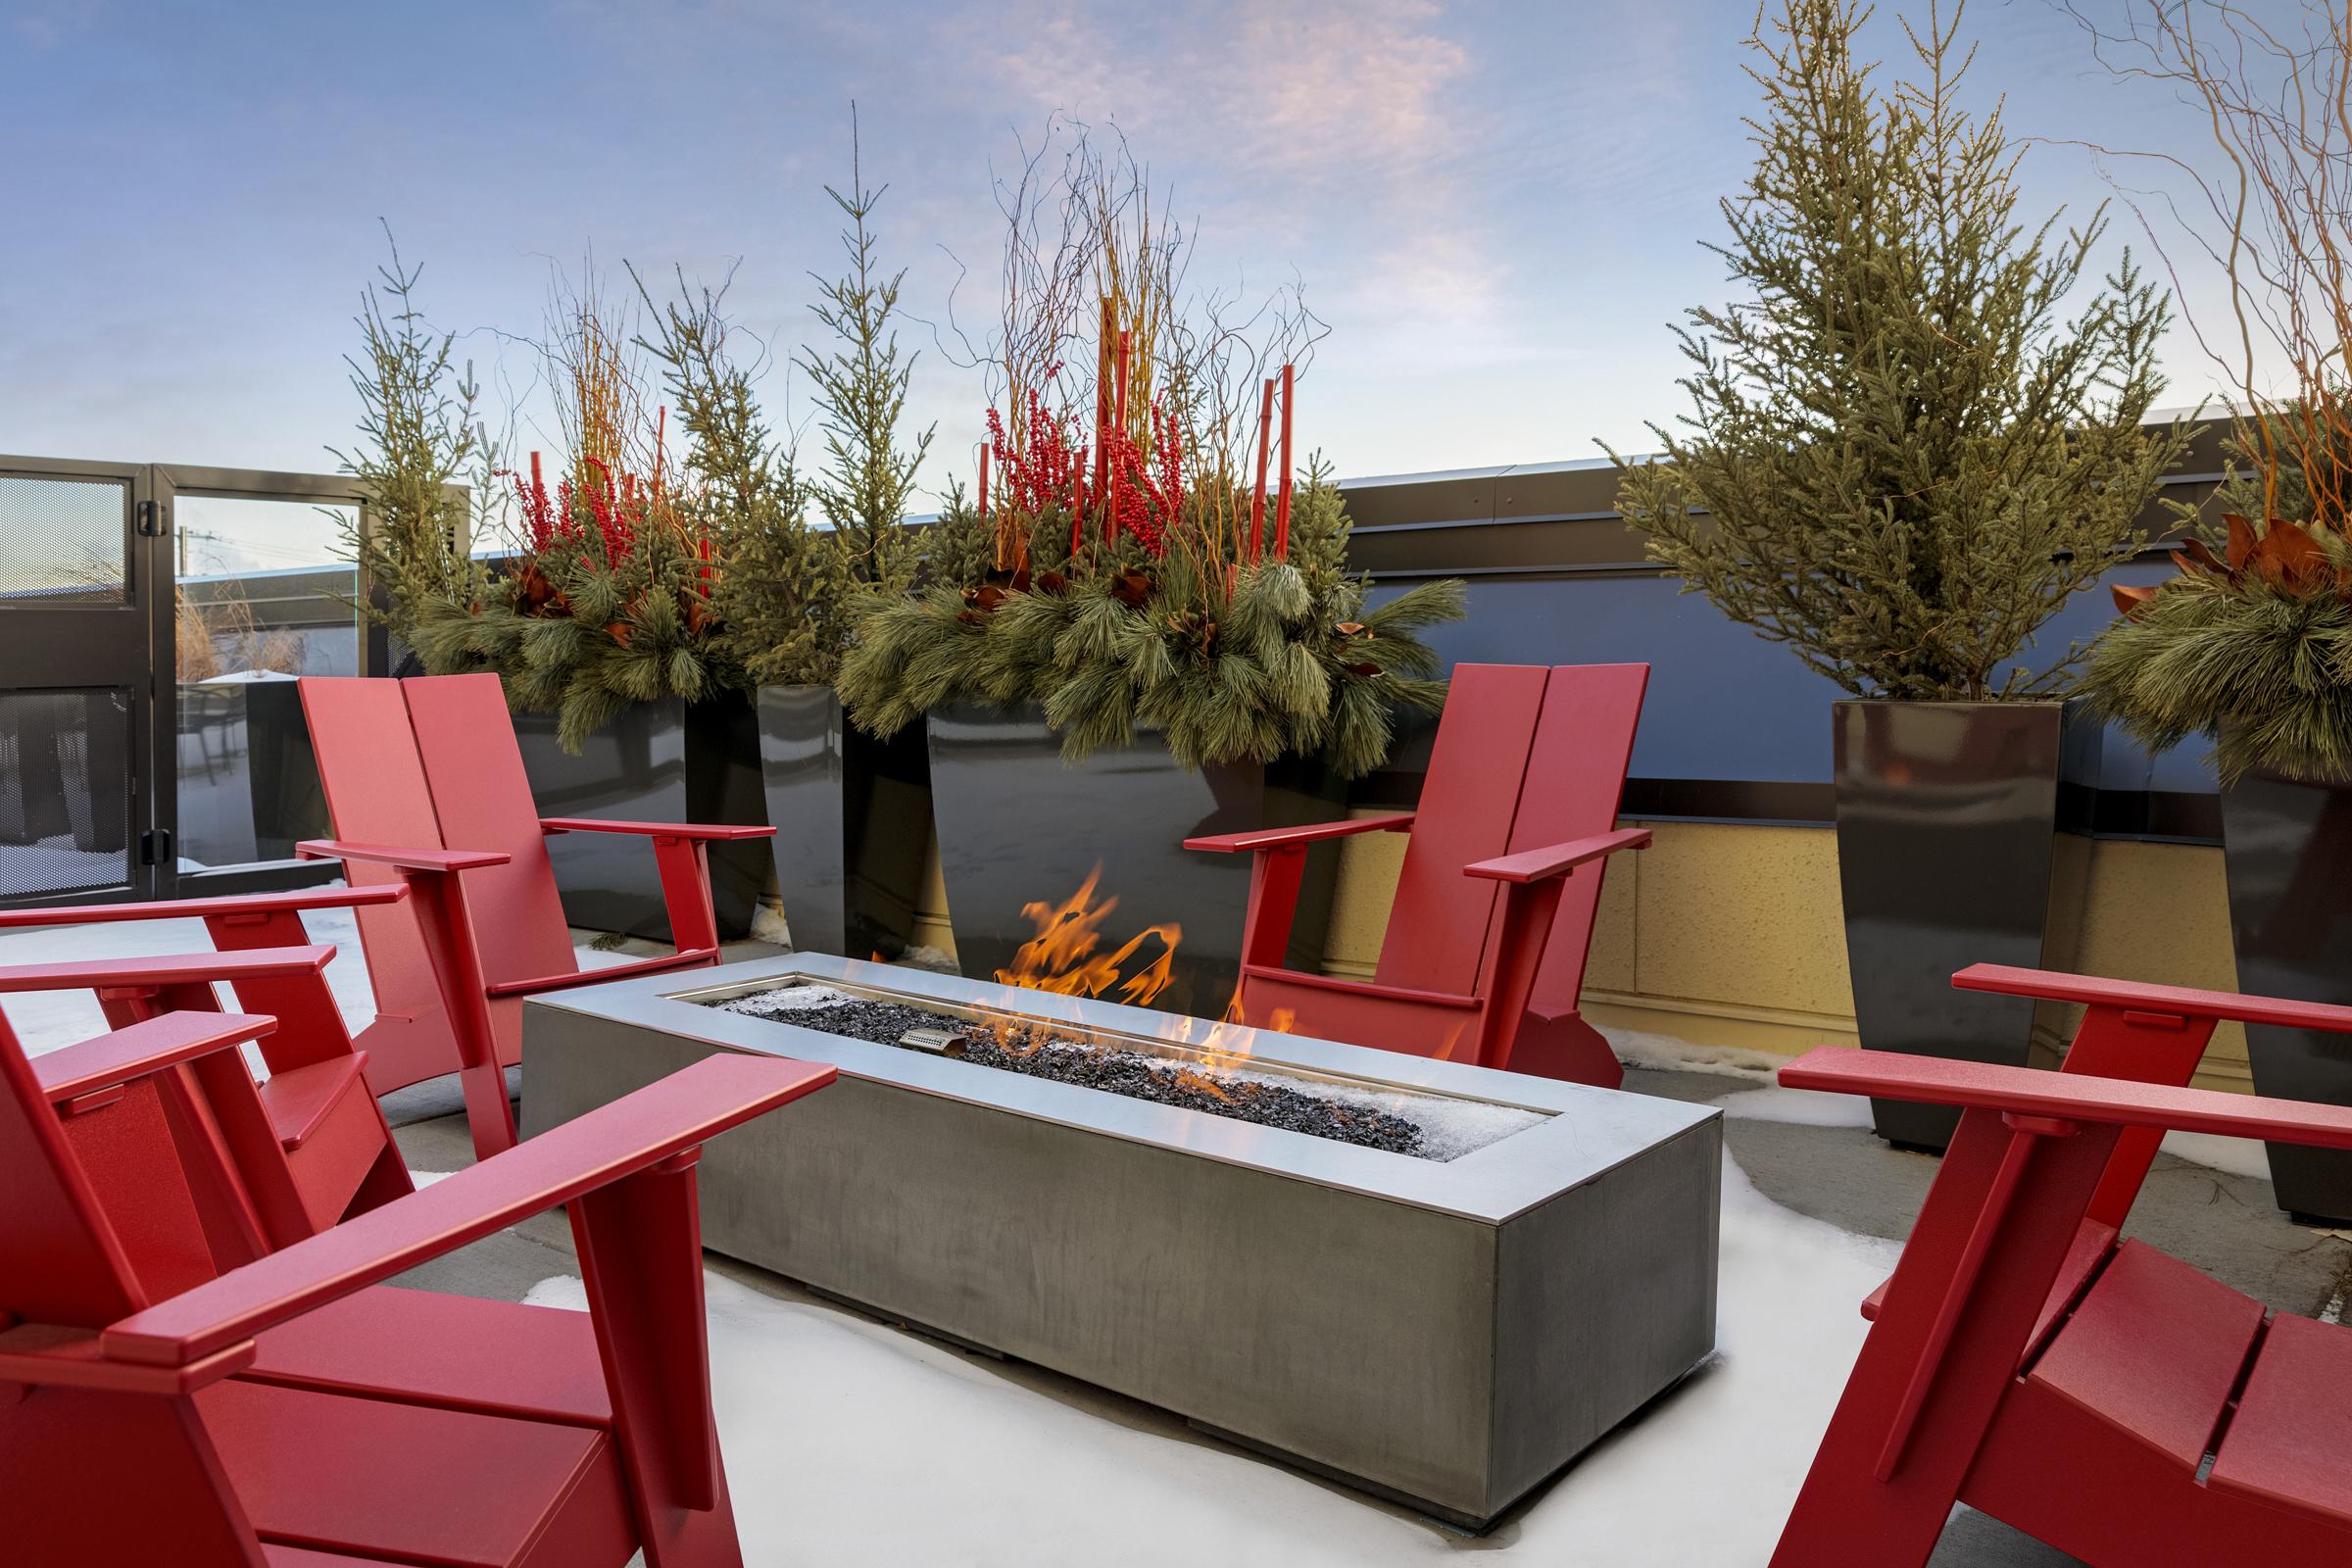 C&E Flats Deck Firepit